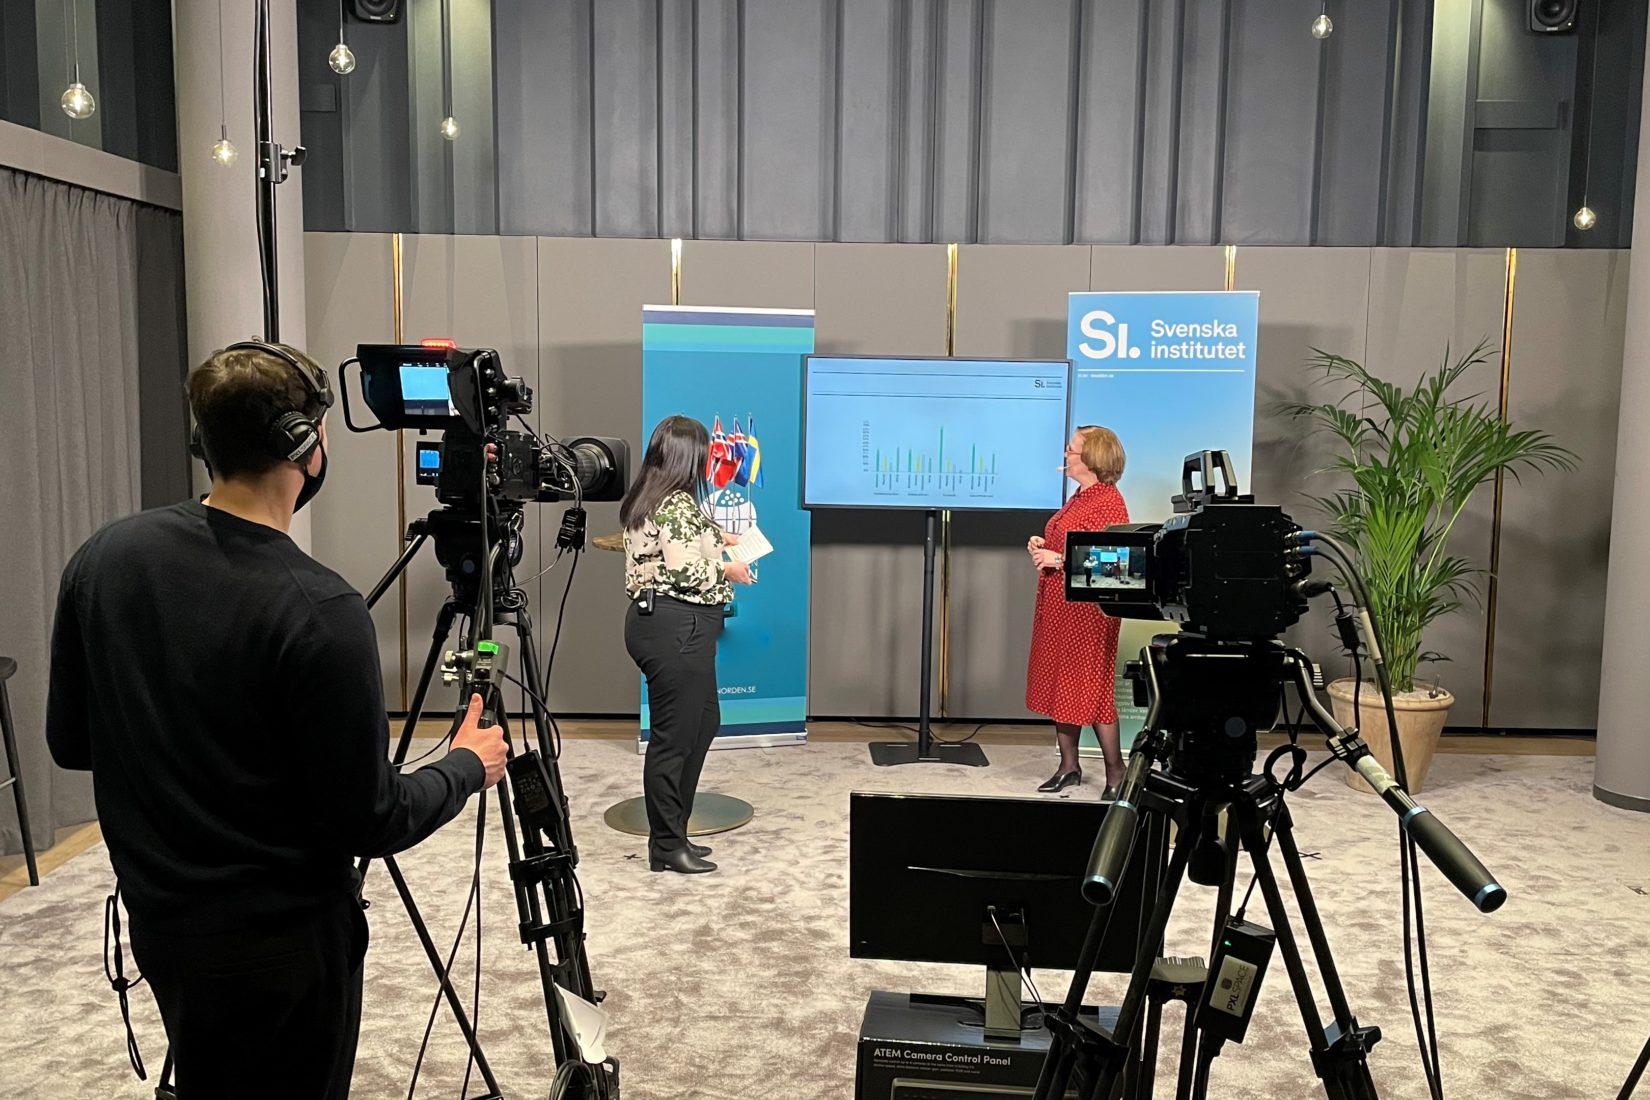 Sofia Bard och Madeleine Sjöstedt från Svenska institutet står i studion under inspelningen av webbinariet